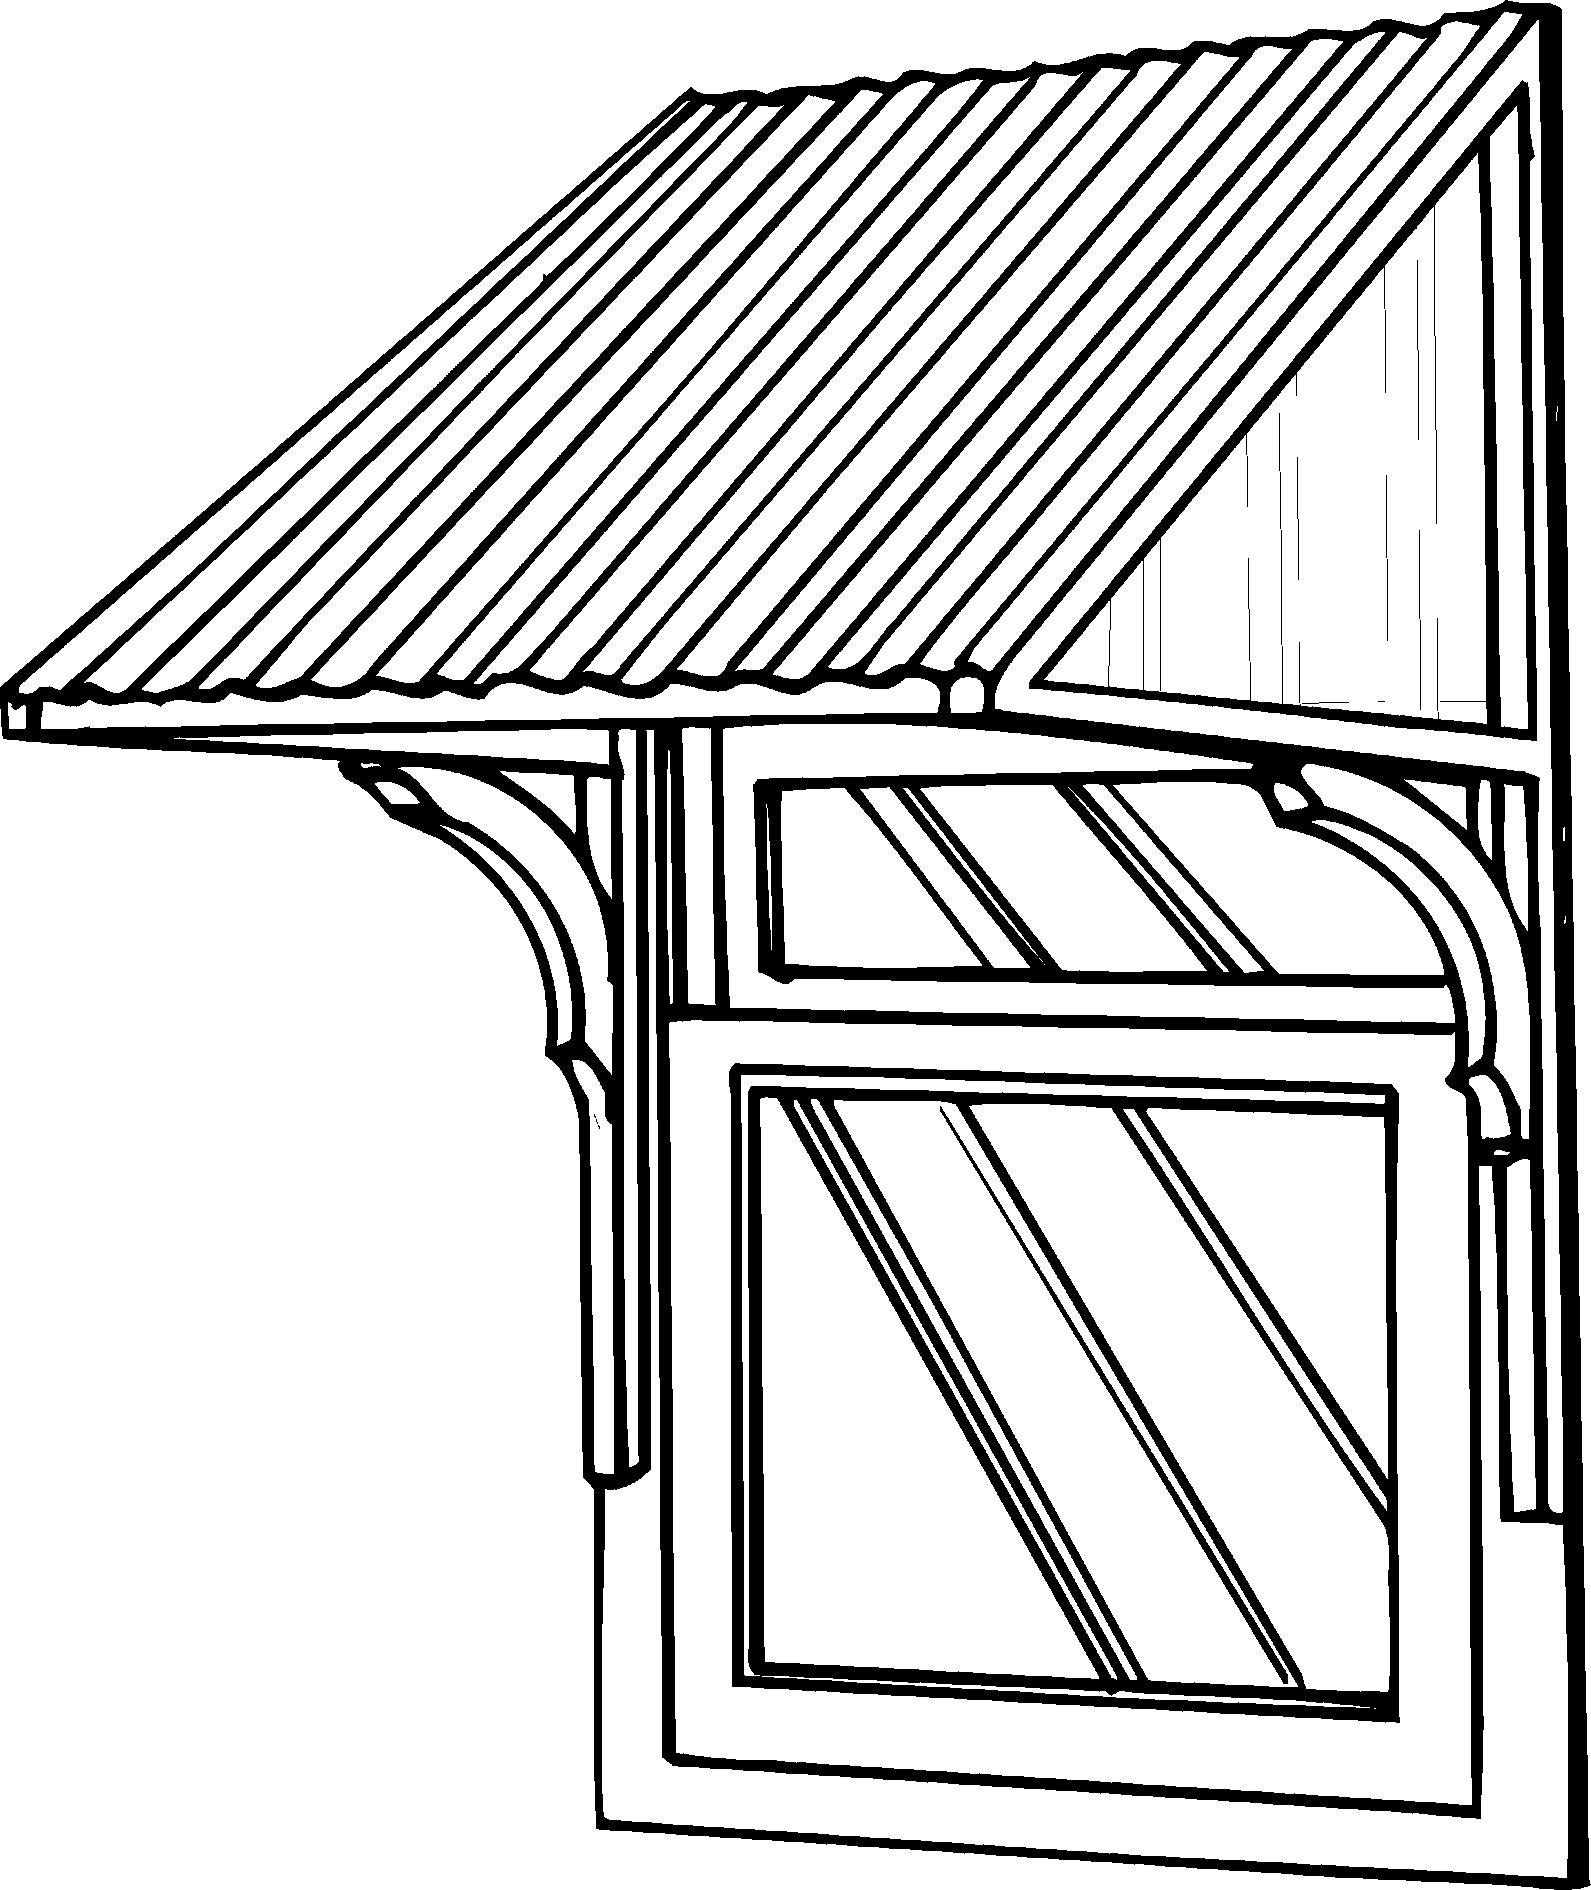 Heritage Door And Window Canopy Brackets - Bunnings Warehouse  sc 1 st  Pinterest & Heritage Door And Window Canopy Brackets - Bunnings Warehouse ...